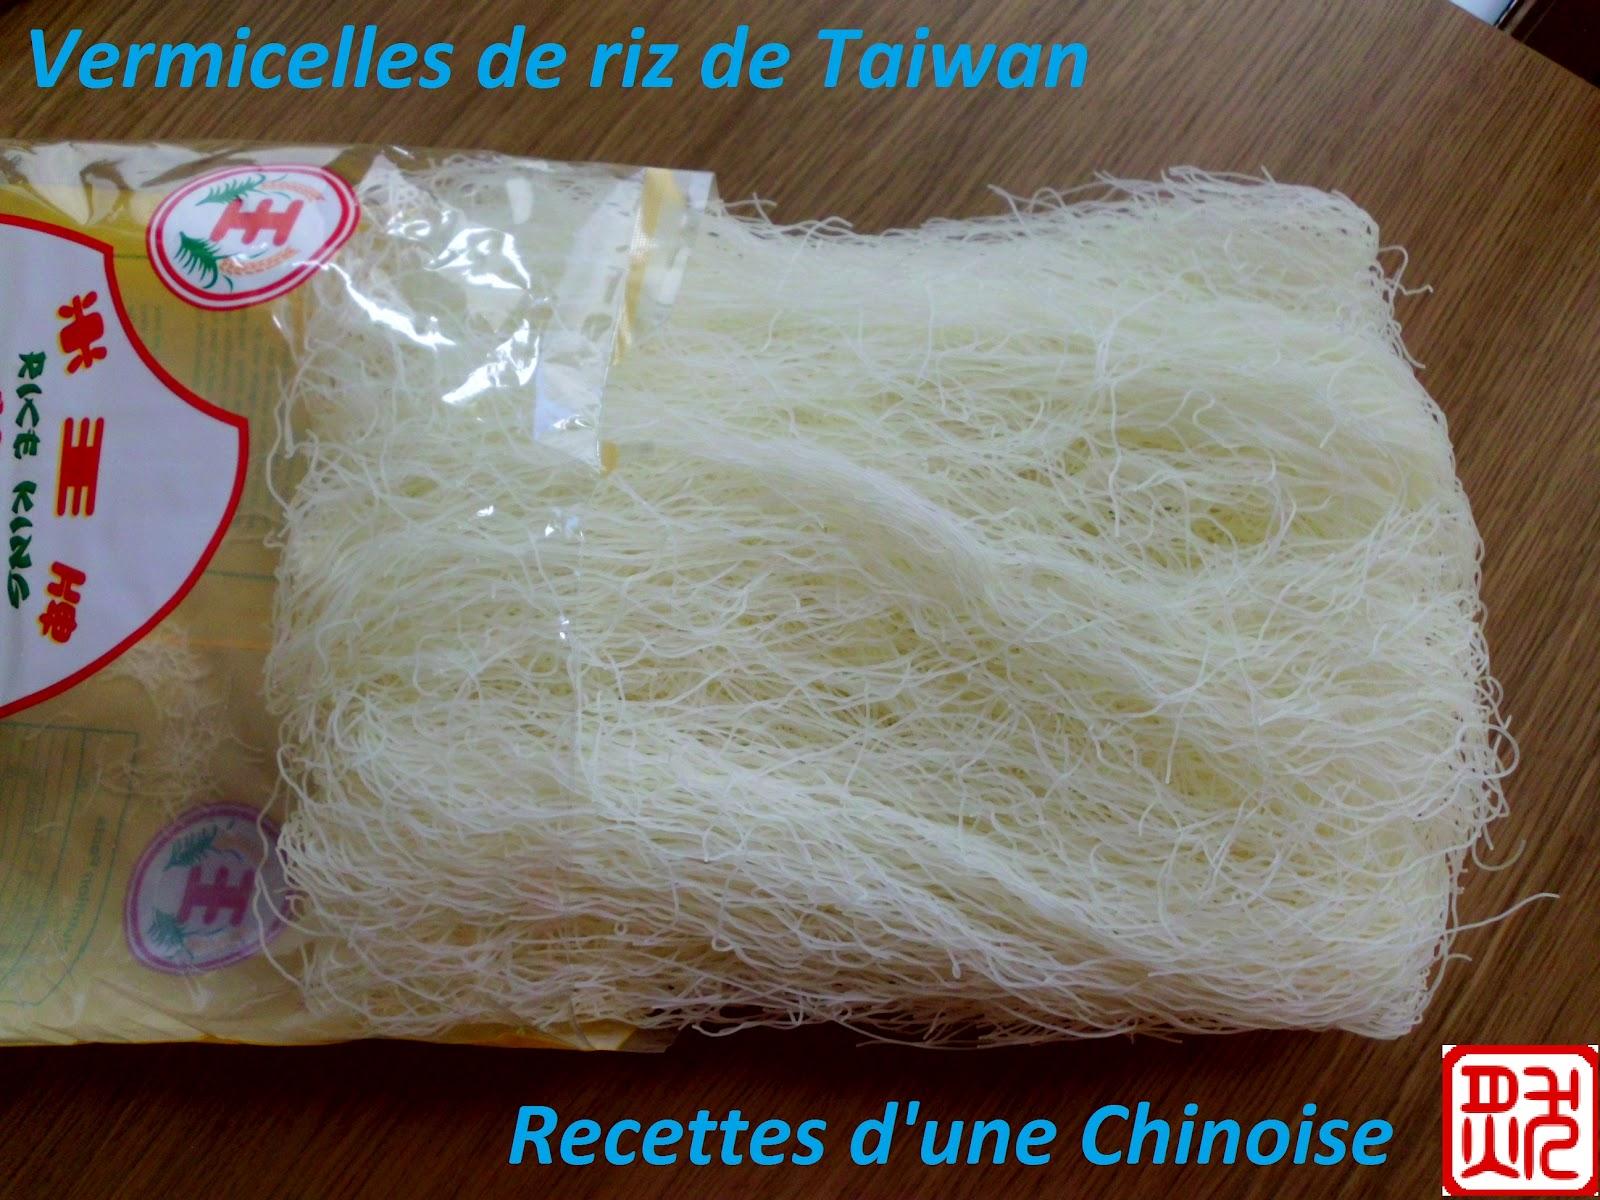 recettes d 39 une chinoise vermicelles de riz saut es la taiwanaise t ish ch om f n. Black Bedroom Furniture Sets. Home Design Ideas